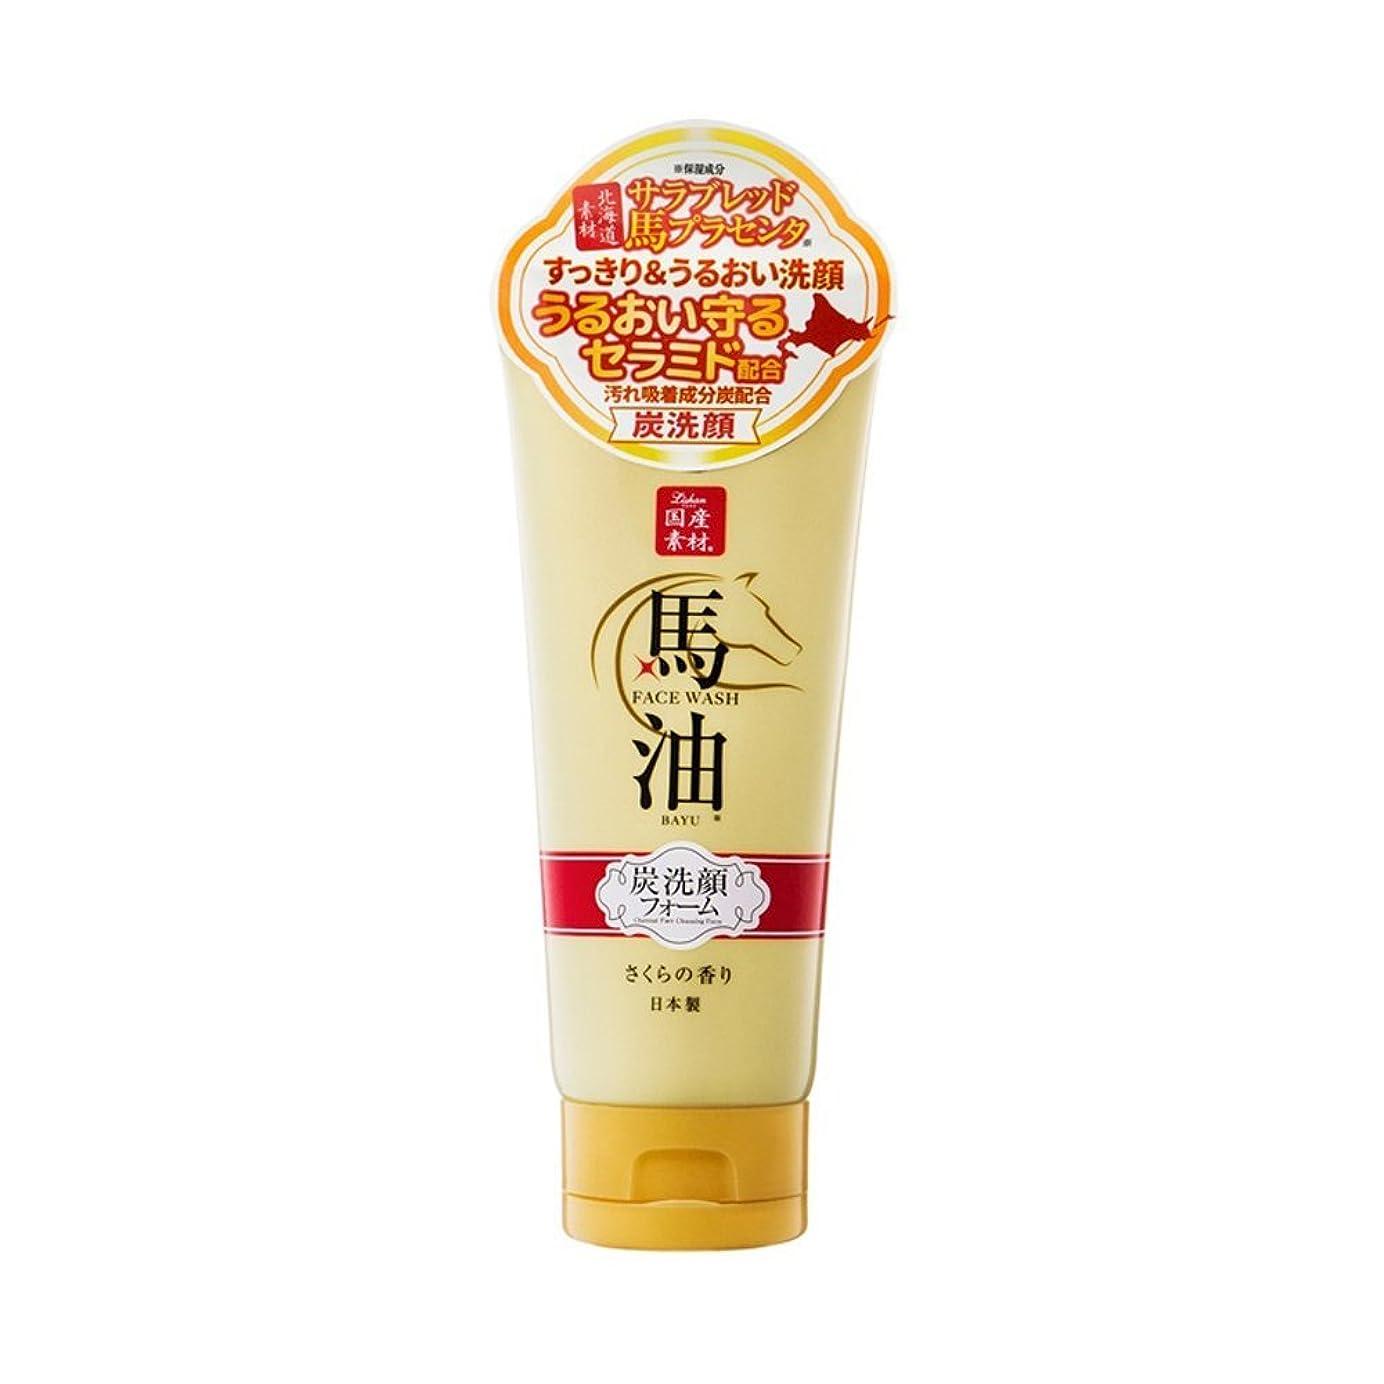 対処する生き物緩むリシャン 馬油&炭洗顔フォーム(さくらの香り)(内容量130g)